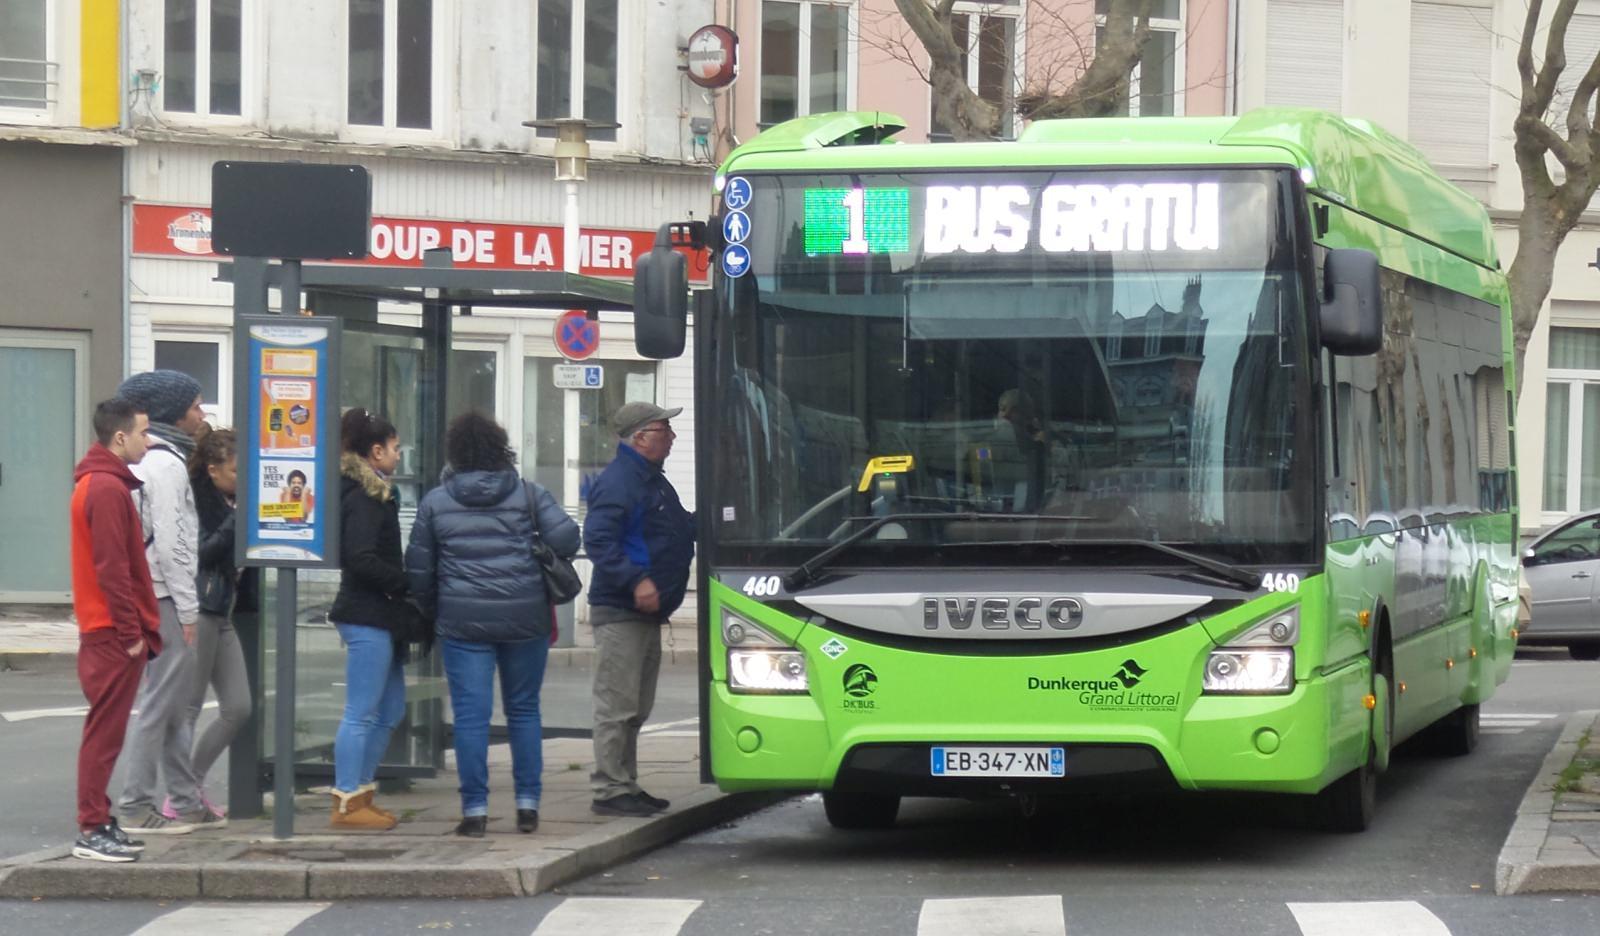 Bus in Dünkirchen gratis kostenfreier ÖPNV